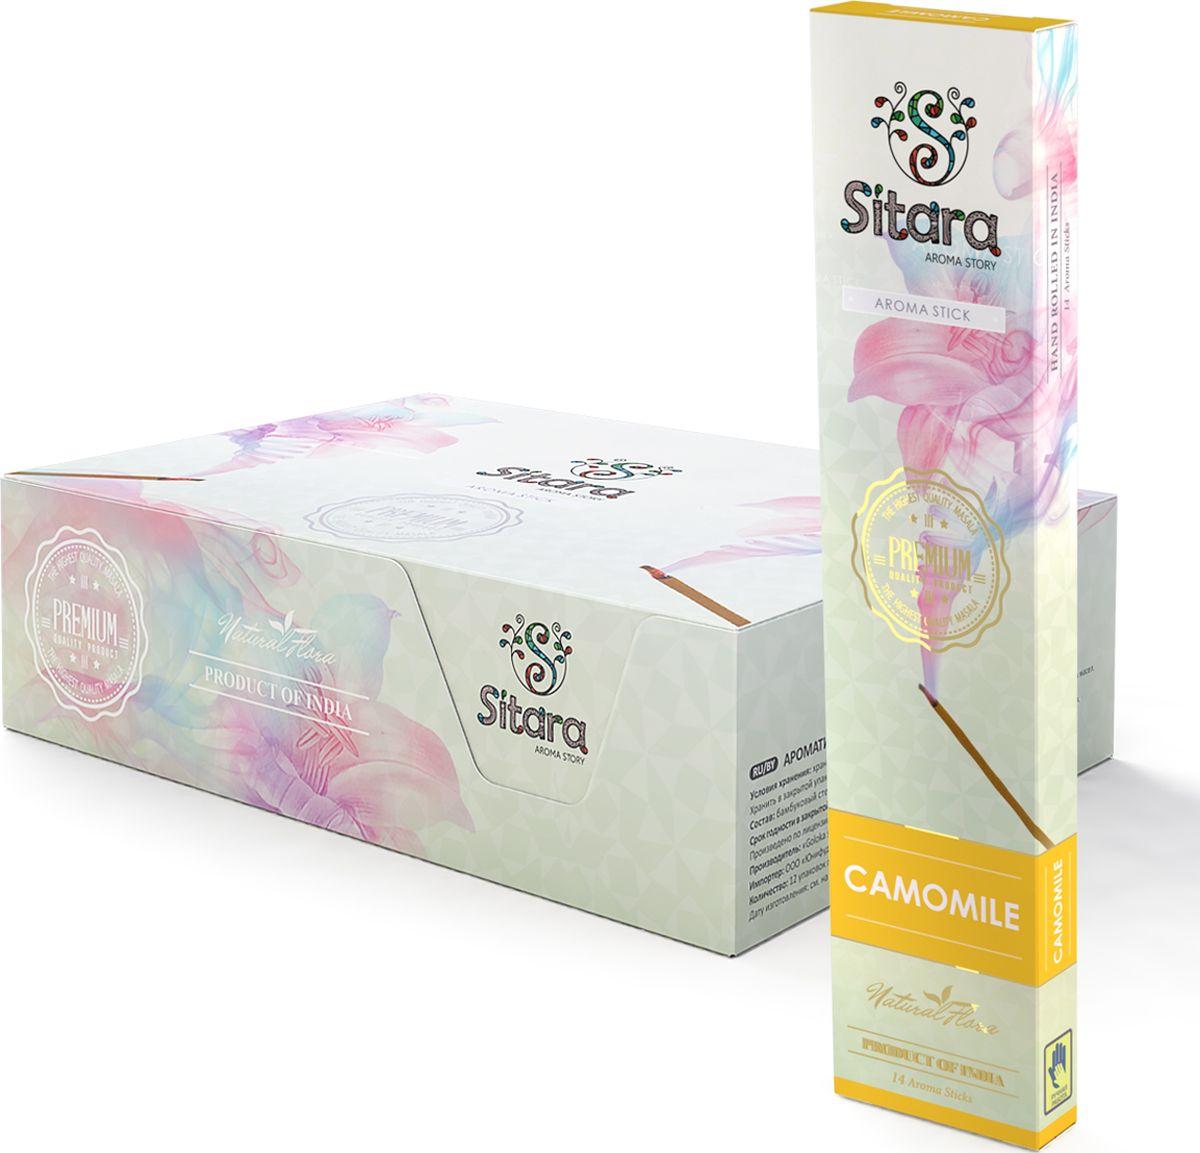 Ароматические палочки Sitara Premium Camomile, 14 палочек10316Сладковатый аромат ромашки ароматических палочек Sitara Premium Camomile воплощает в себе мягкое сочетание меда и трав. Ромашка помогает успокоиться, отрешиться от перенапряжения. Такой аромат поможет вам избавиться от бессонницы и поднять настроение. В совершенстве подойдёт любителям цветочных, пряных запахов. Способ применения: Поджечь сторону, противоположную бамбуковому основанию. Через несколько секунд после возгорания задуть пламя. Поставить ароматическую палочку в подставку, соблюдая необходимые меры пожарной безопасности. Состав: Бамбуковый стержень (Bamboo rod), натуральный мед (Honey), смола и пудра сандалового дерева (Resin and sandalwood powder), натуральная эссенция эфирных масел (Essential oils)С осторожностью:Людям страдающими заболеваниями дыхательных путей, аллергическими реакциями, при беременности.